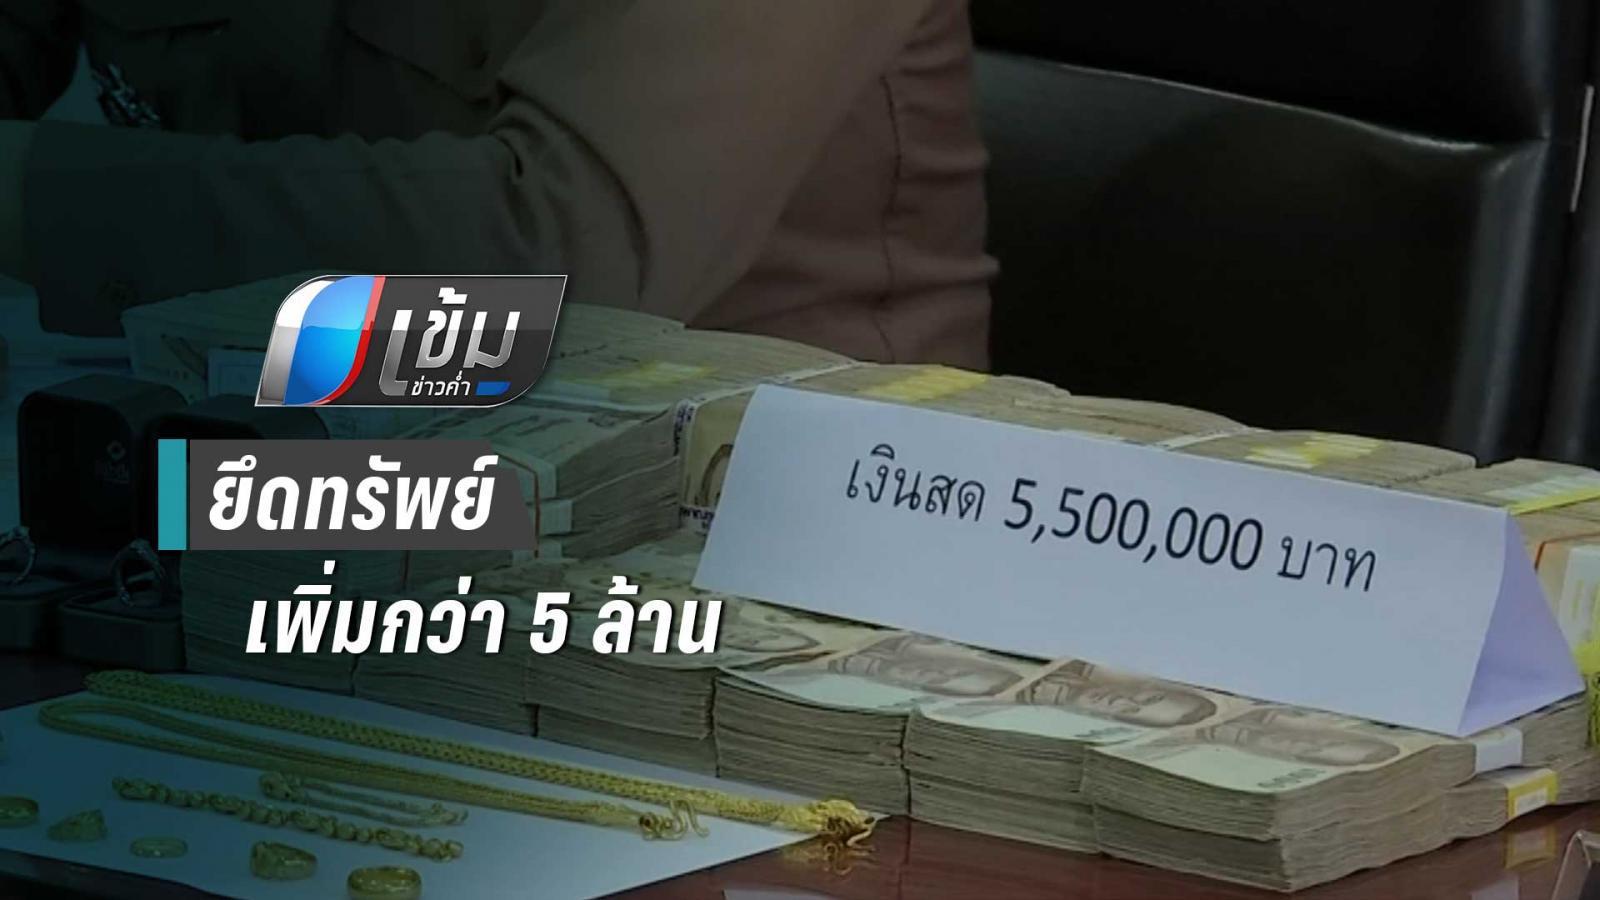 ตร.รวบเครือข่ายแม่มณีเพิ่มอีก1คน ยึดทรัพย์เพิ่มกว่า 5 ล้าน